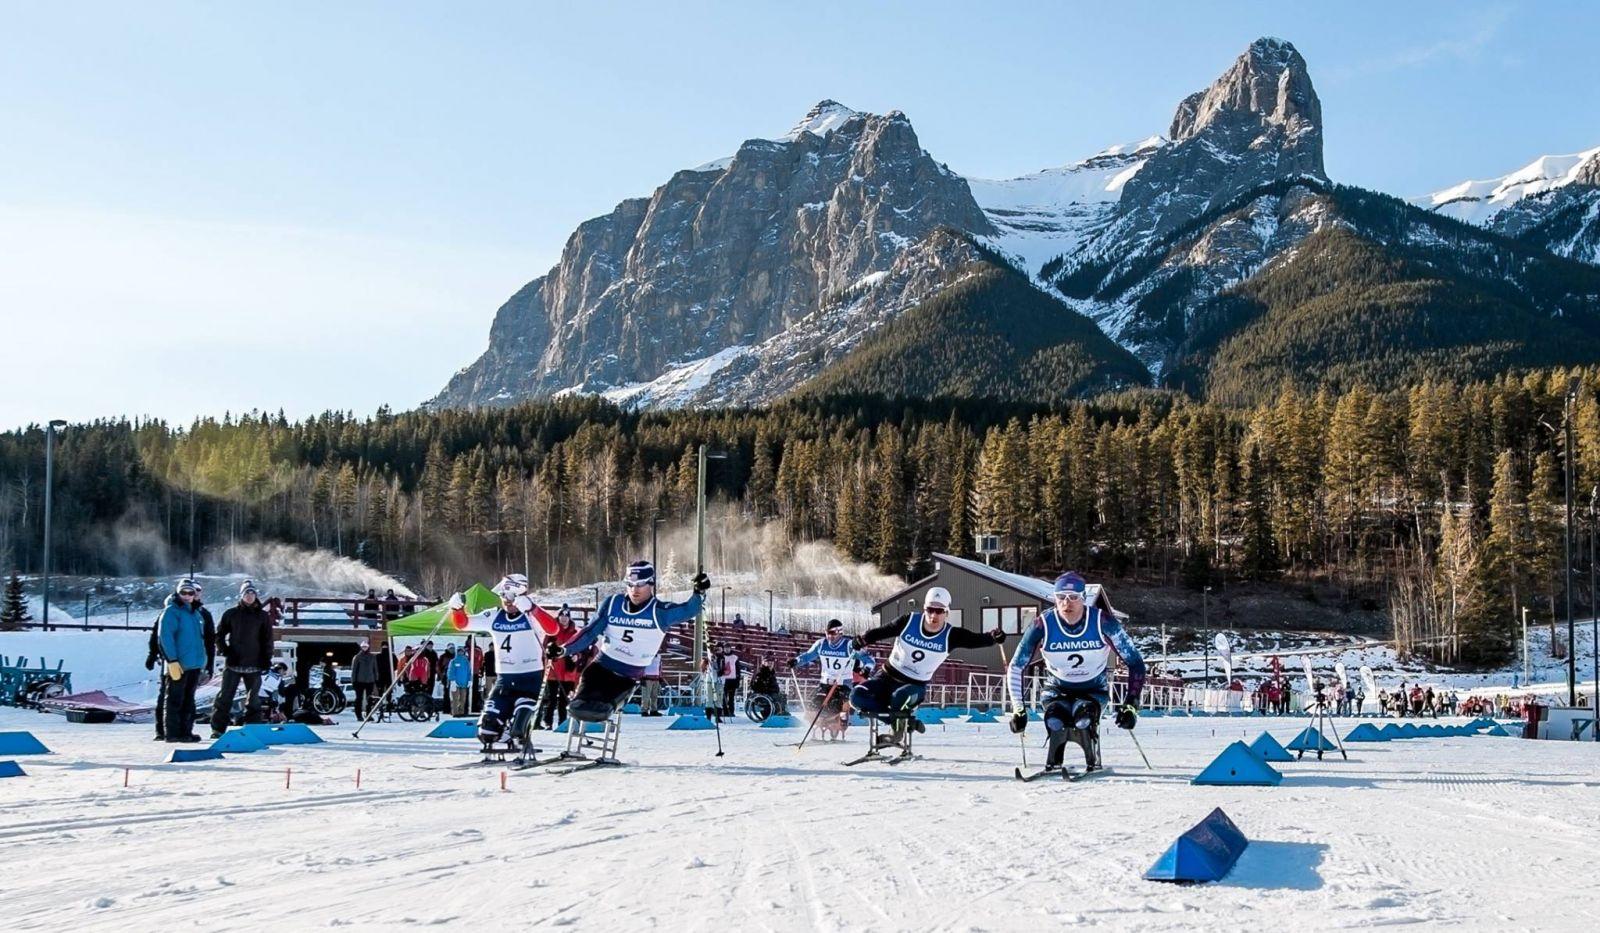 Российские спортсмены завоевали 8 золотых, 10 серебряных и 4 бронзовые медали по итогам двух дней Кубка мира по лыжным гонкам и биатлону спорта лиц с ПОДА и нарушением зрения в Канаде